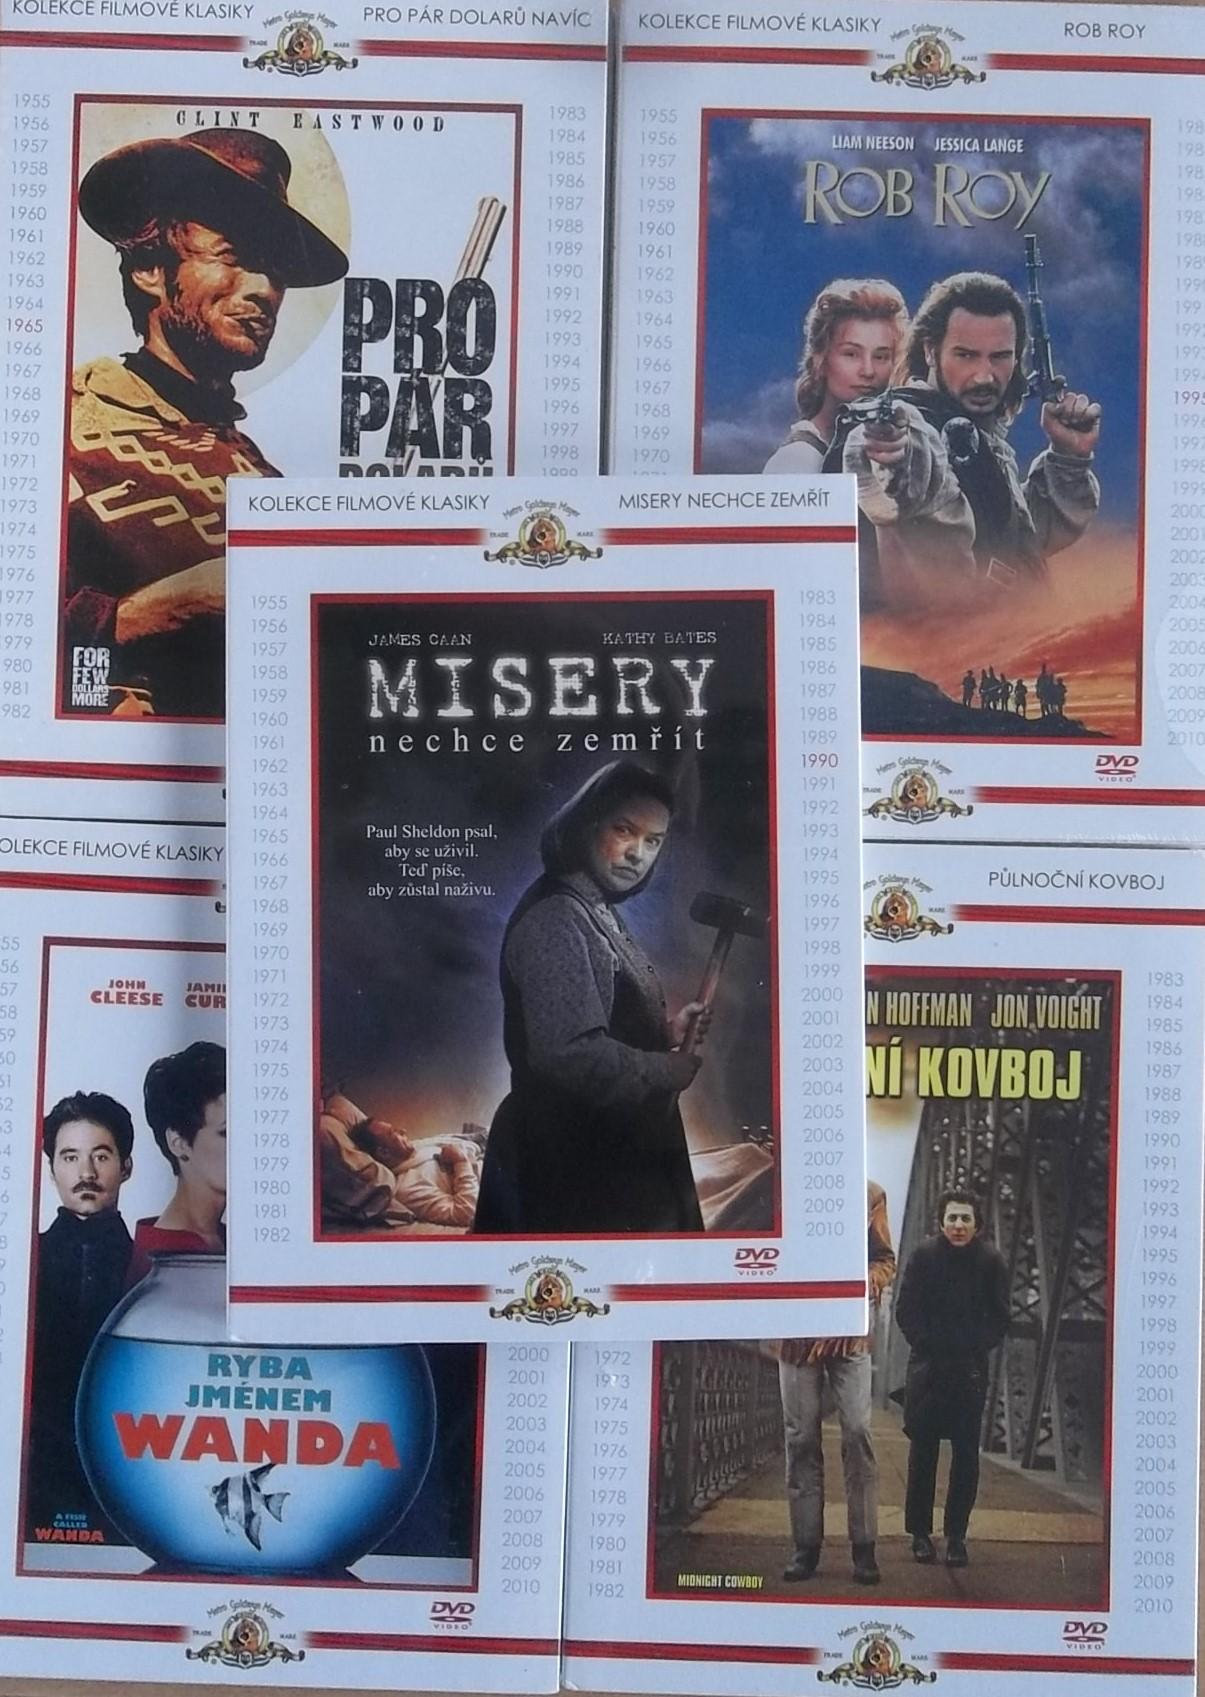 Kolekce filmové klasiky -5 DVD